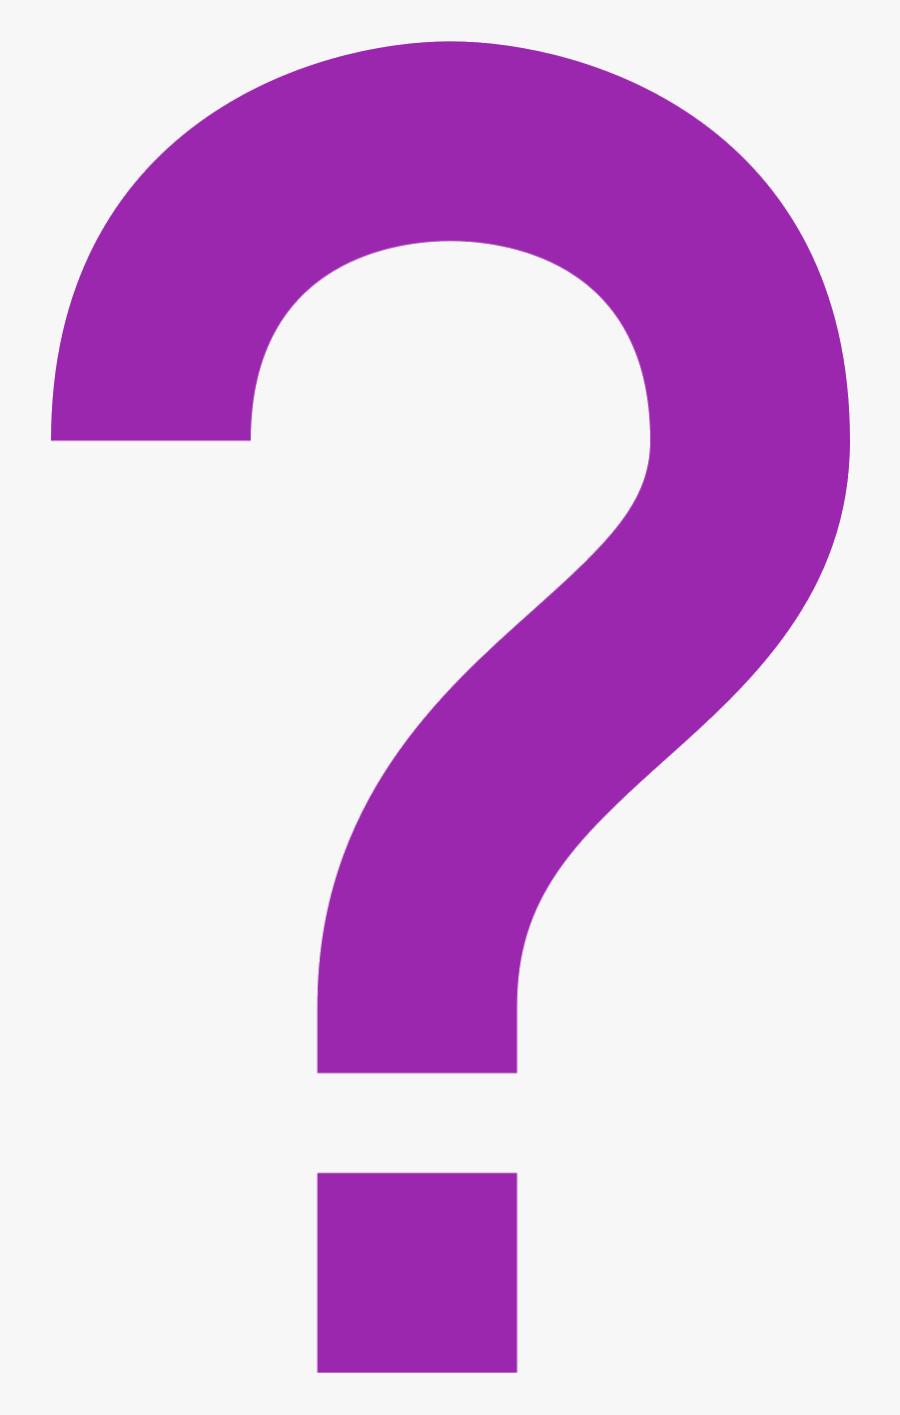 Transparent Computer Confusion Clipart - Purple Question Mark, Transparent Clipart